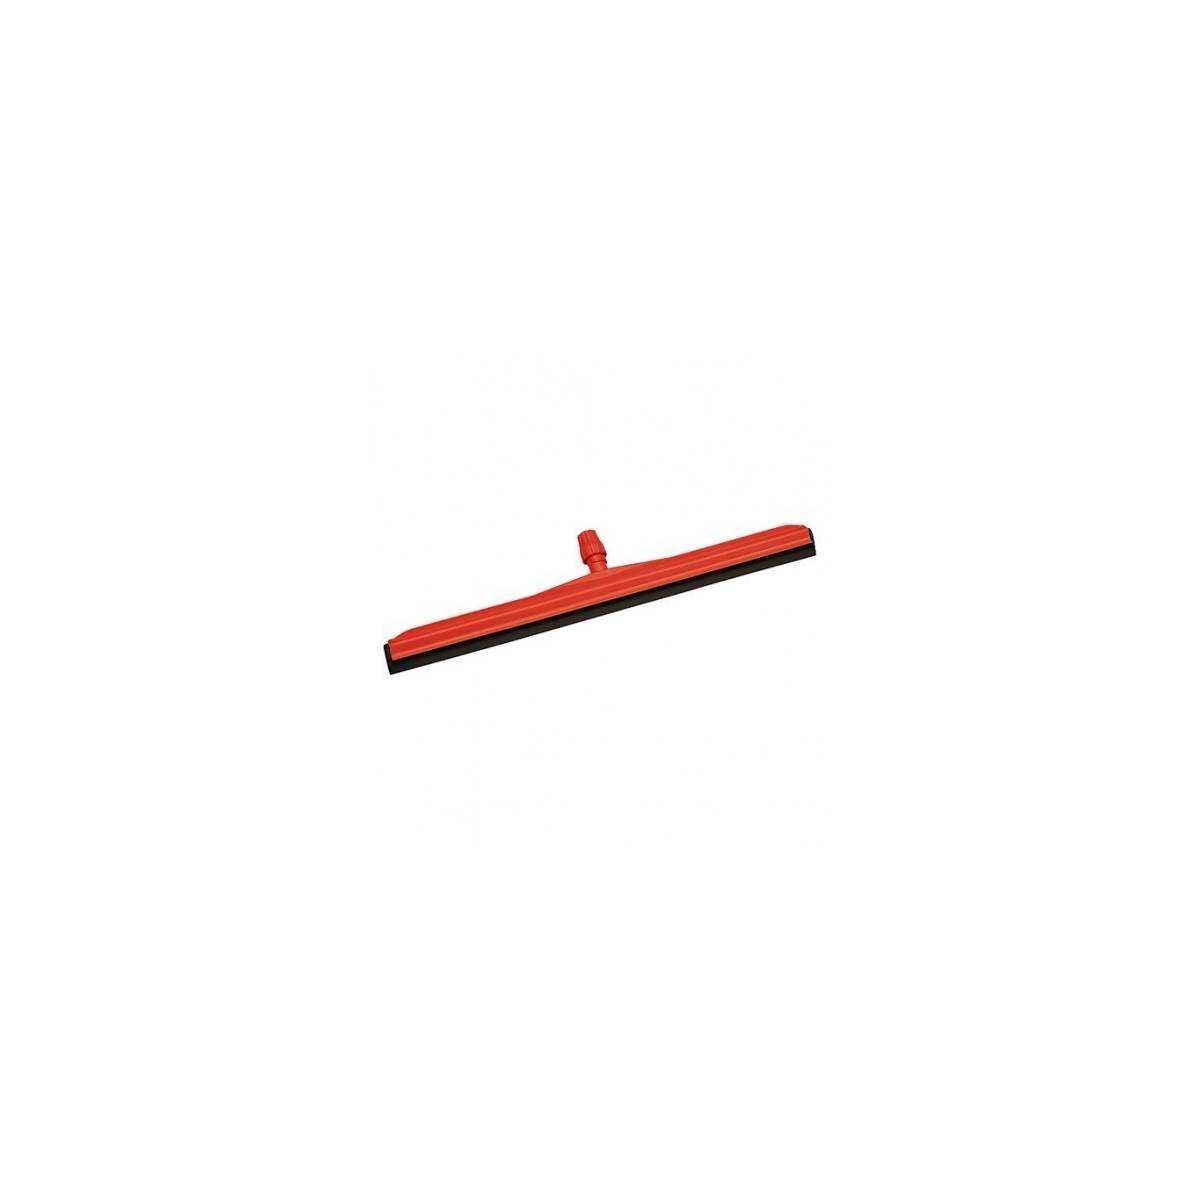 Скребок для сгона воды с пола полипропиленовый 75см (Красного цвета) 8658 TTS